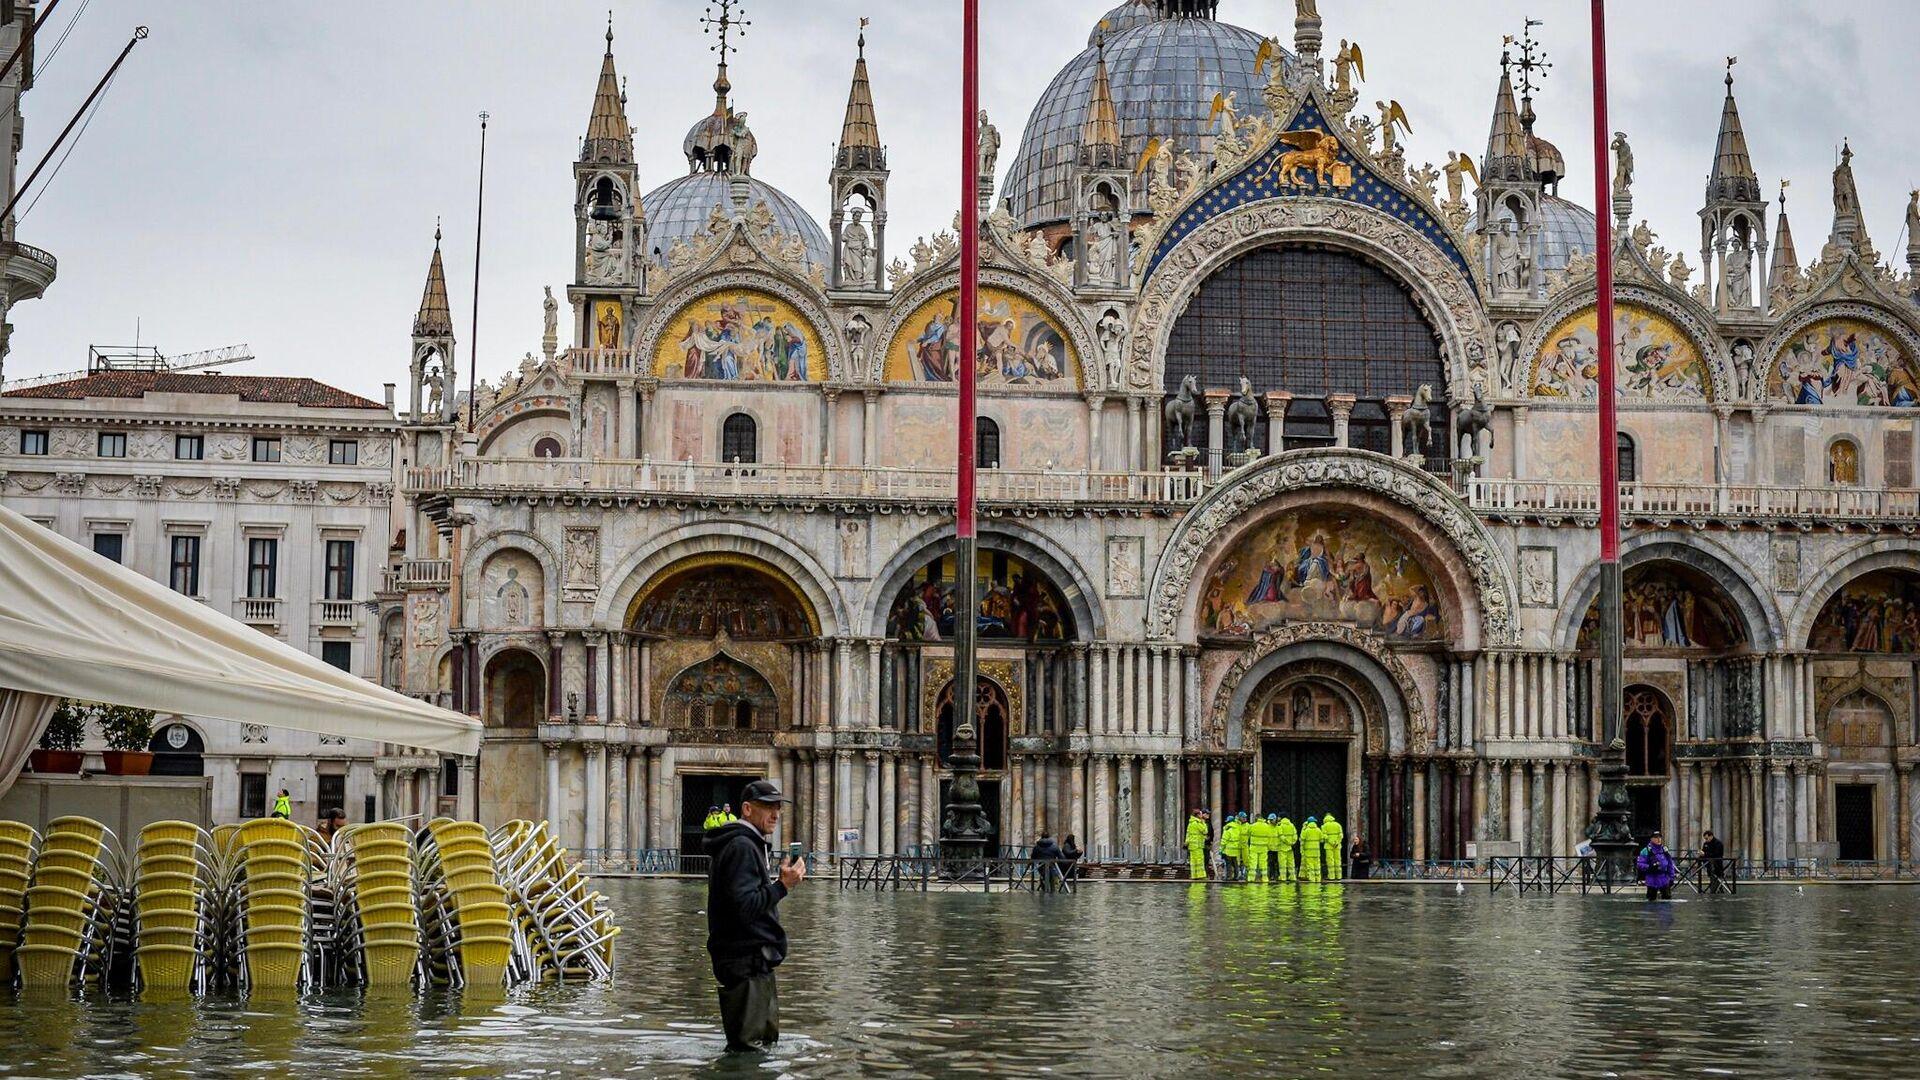 На площади Сан-Марко в Венеции во время наводнения - РИА Новости, 1920, 27.12.2019